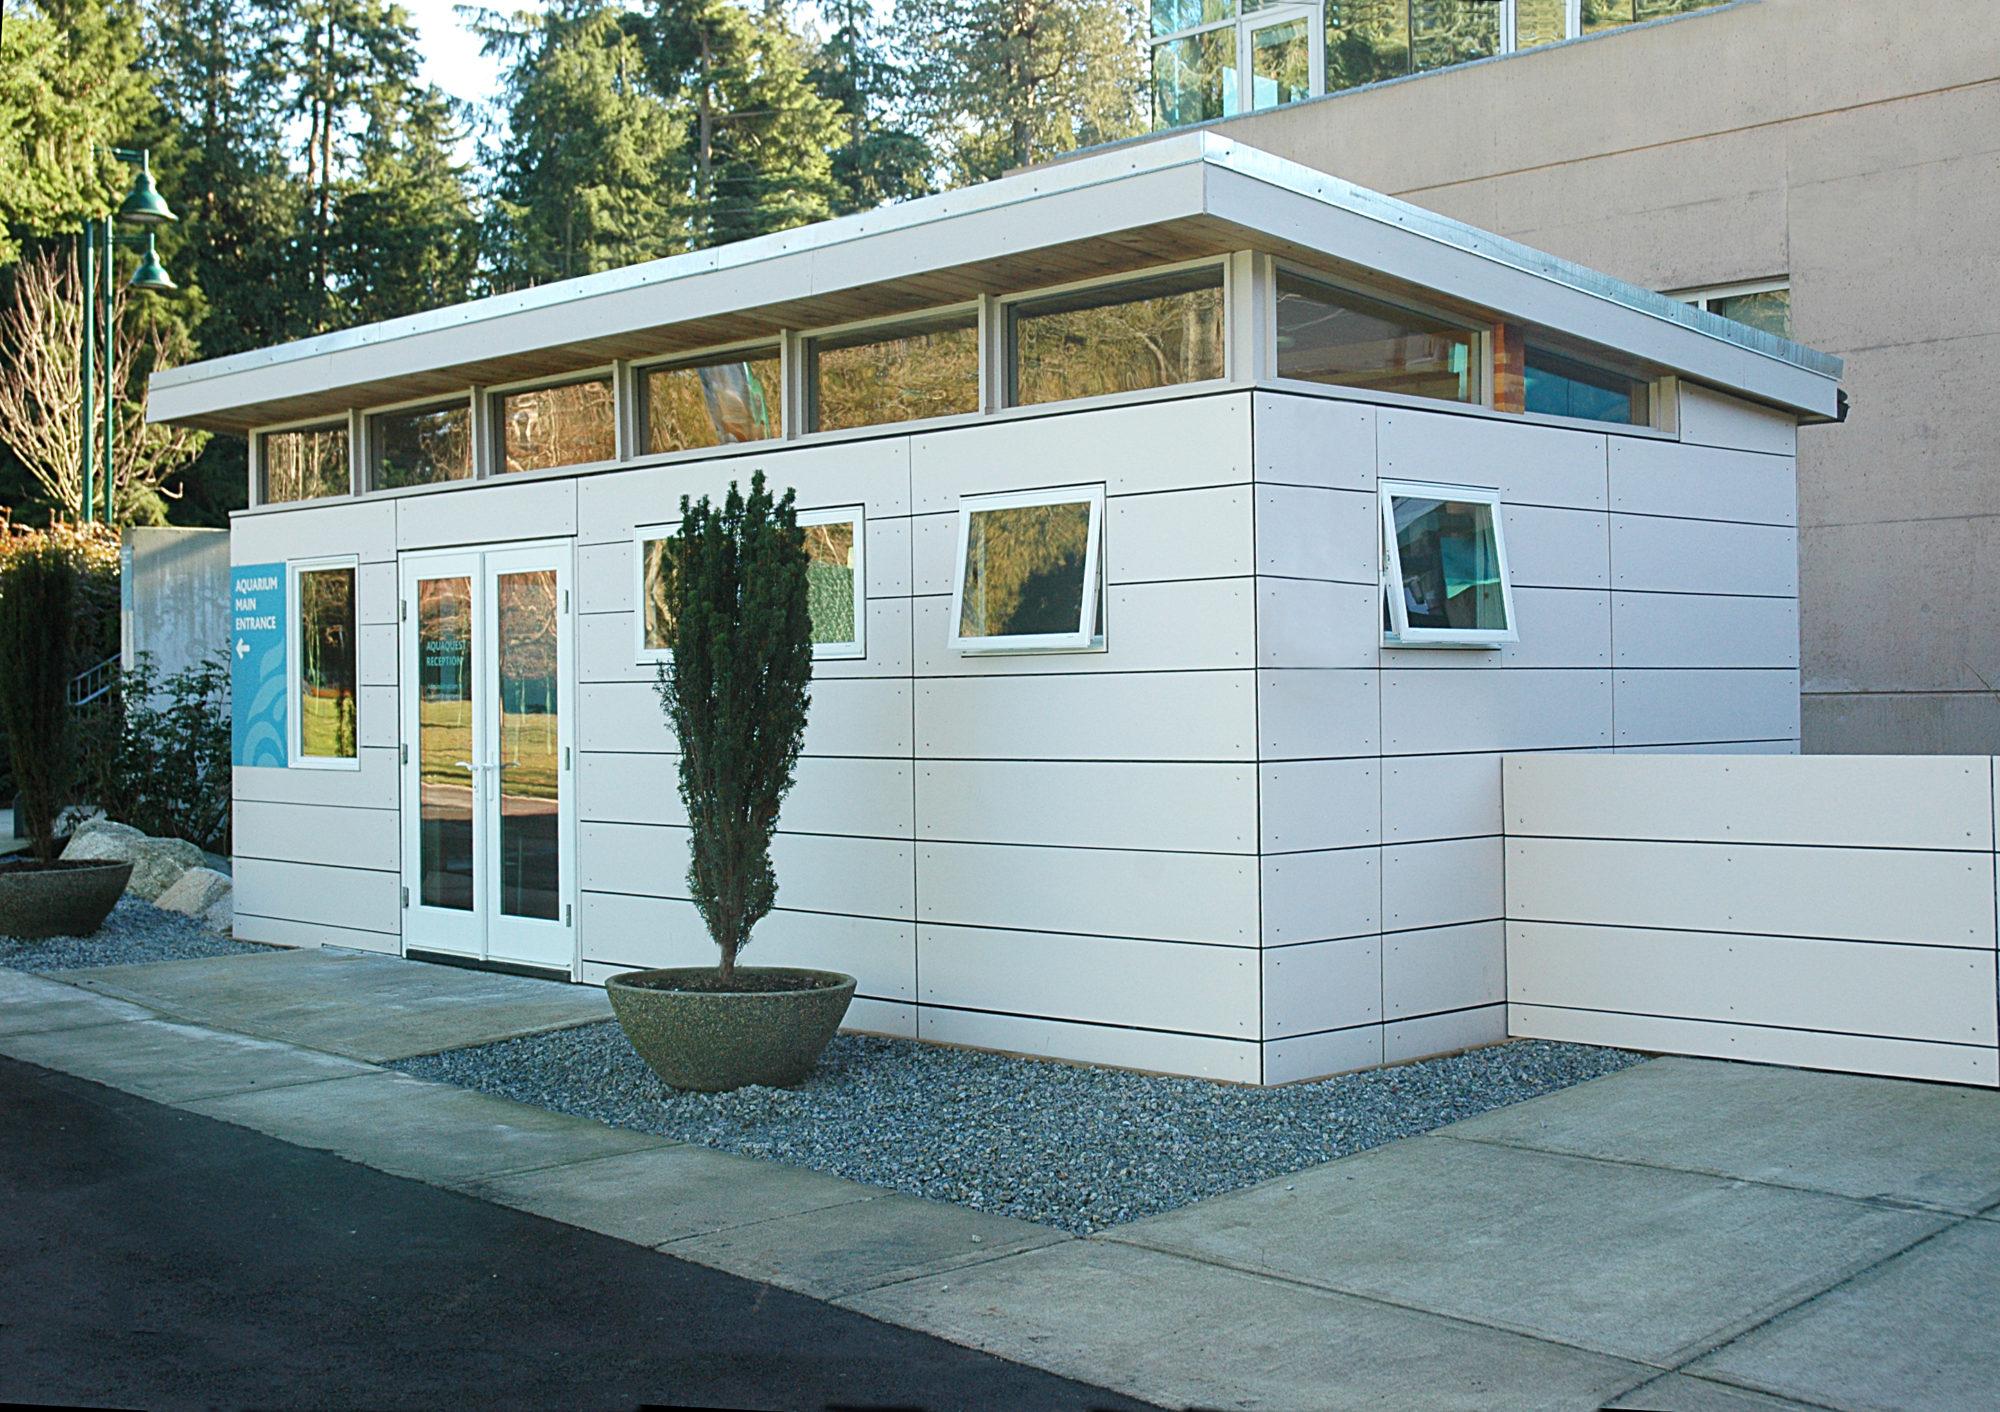 Vancouver Aquarium Administration Building